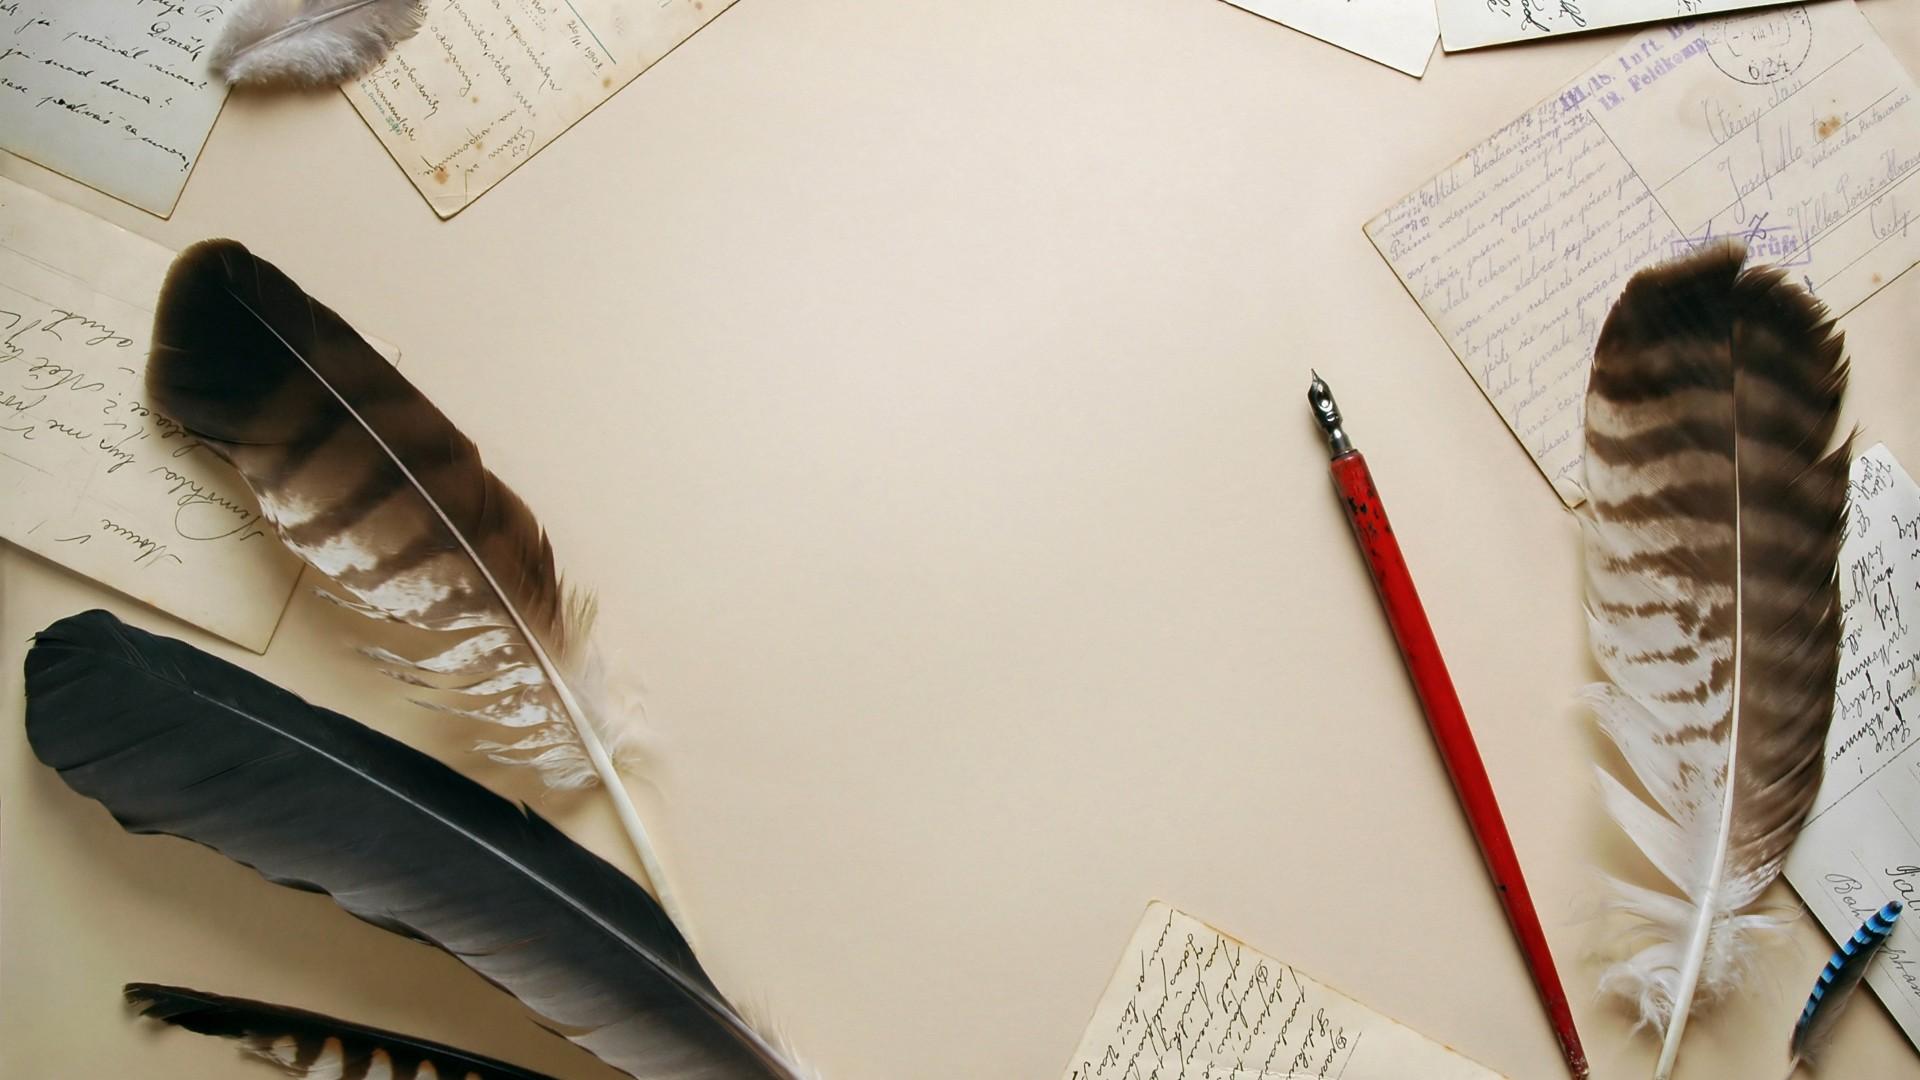 bkg pen paper